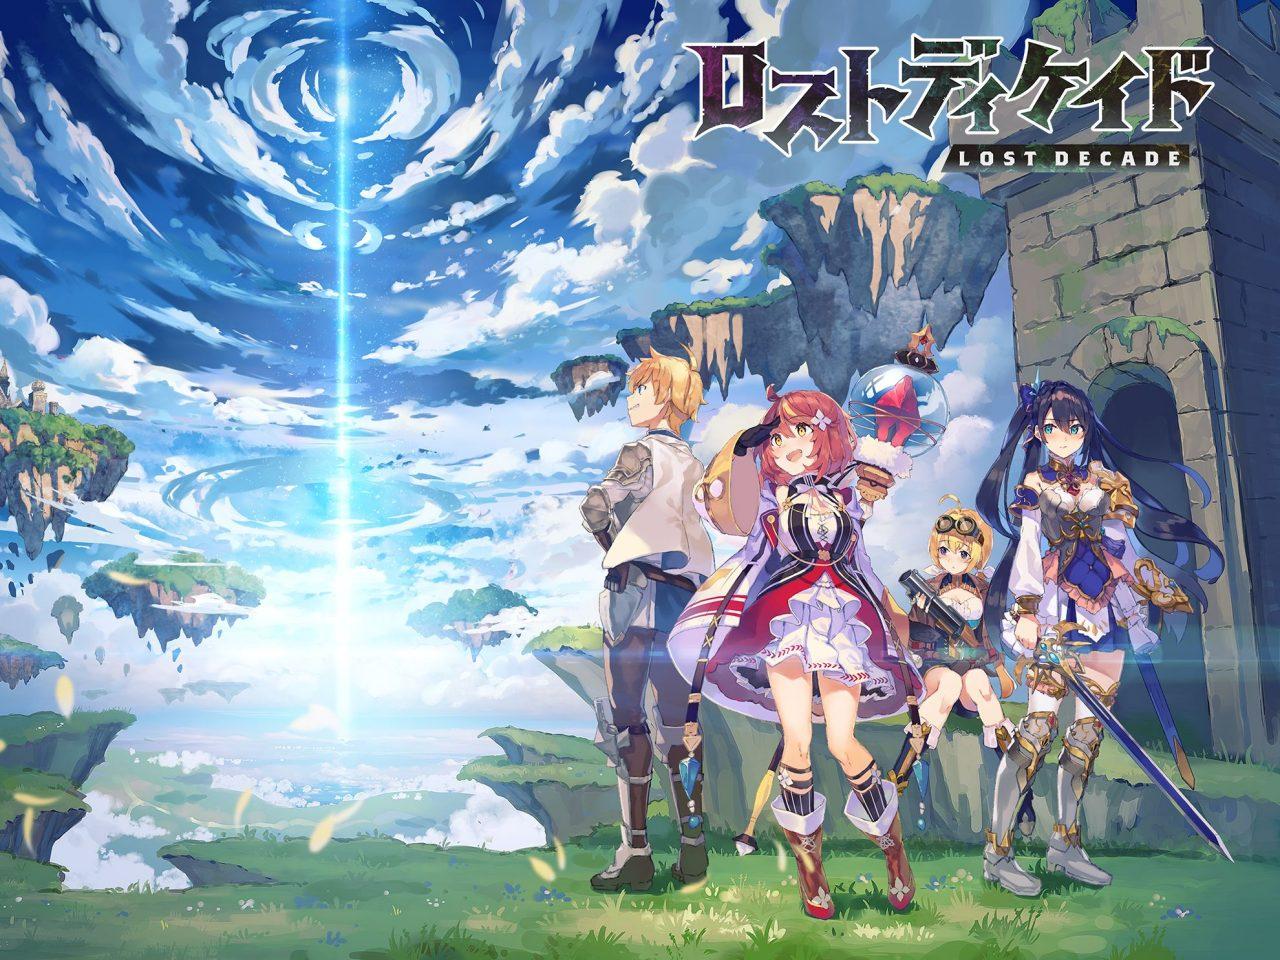 ブシロードの新作RPG『ロストディケイド』が2月12日にリリース決定!